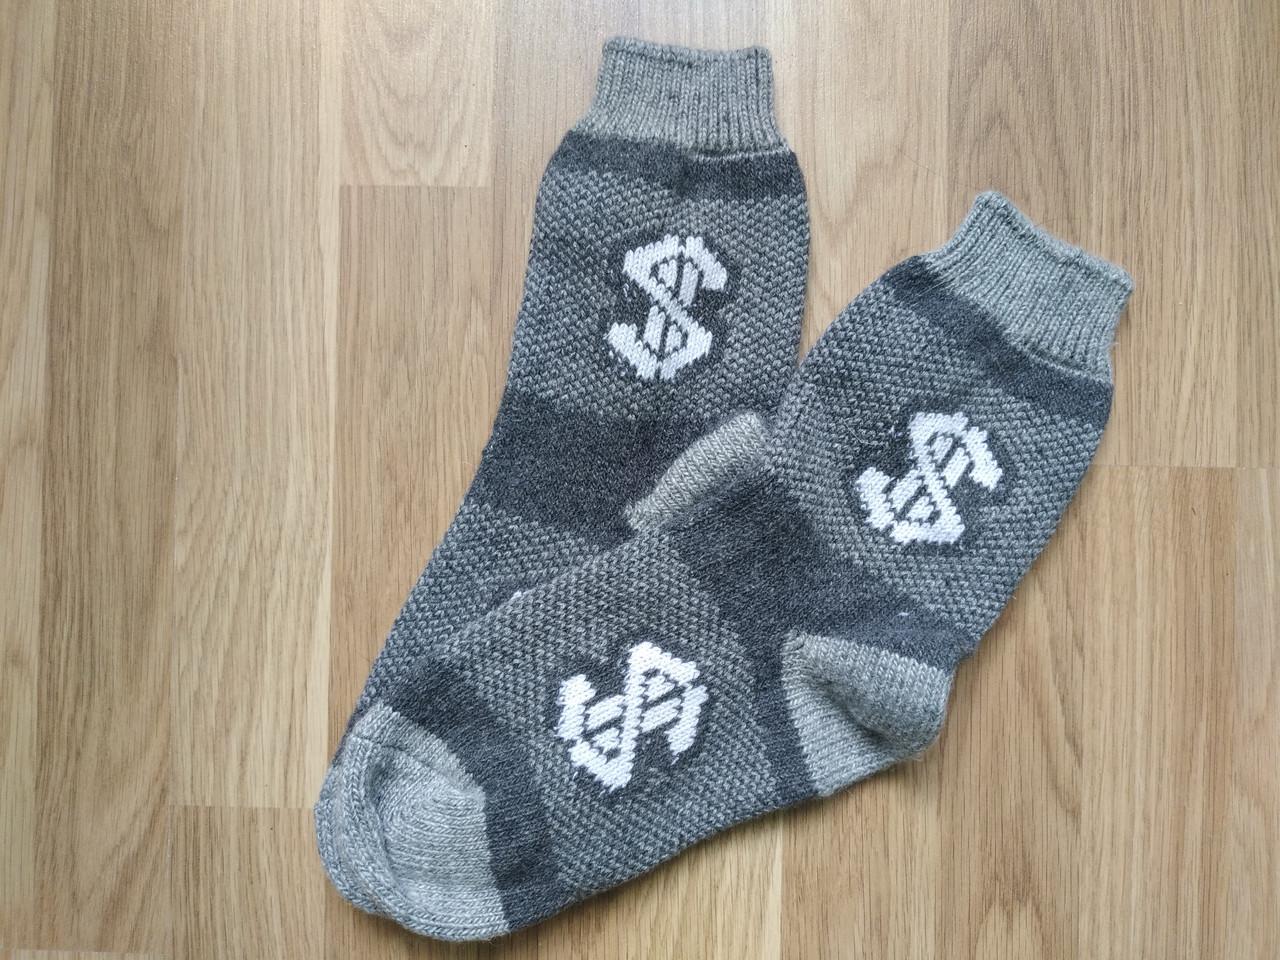 1bea6250a4963 шерстяные мужские носки купить купить зимние носки на Handwork.studio